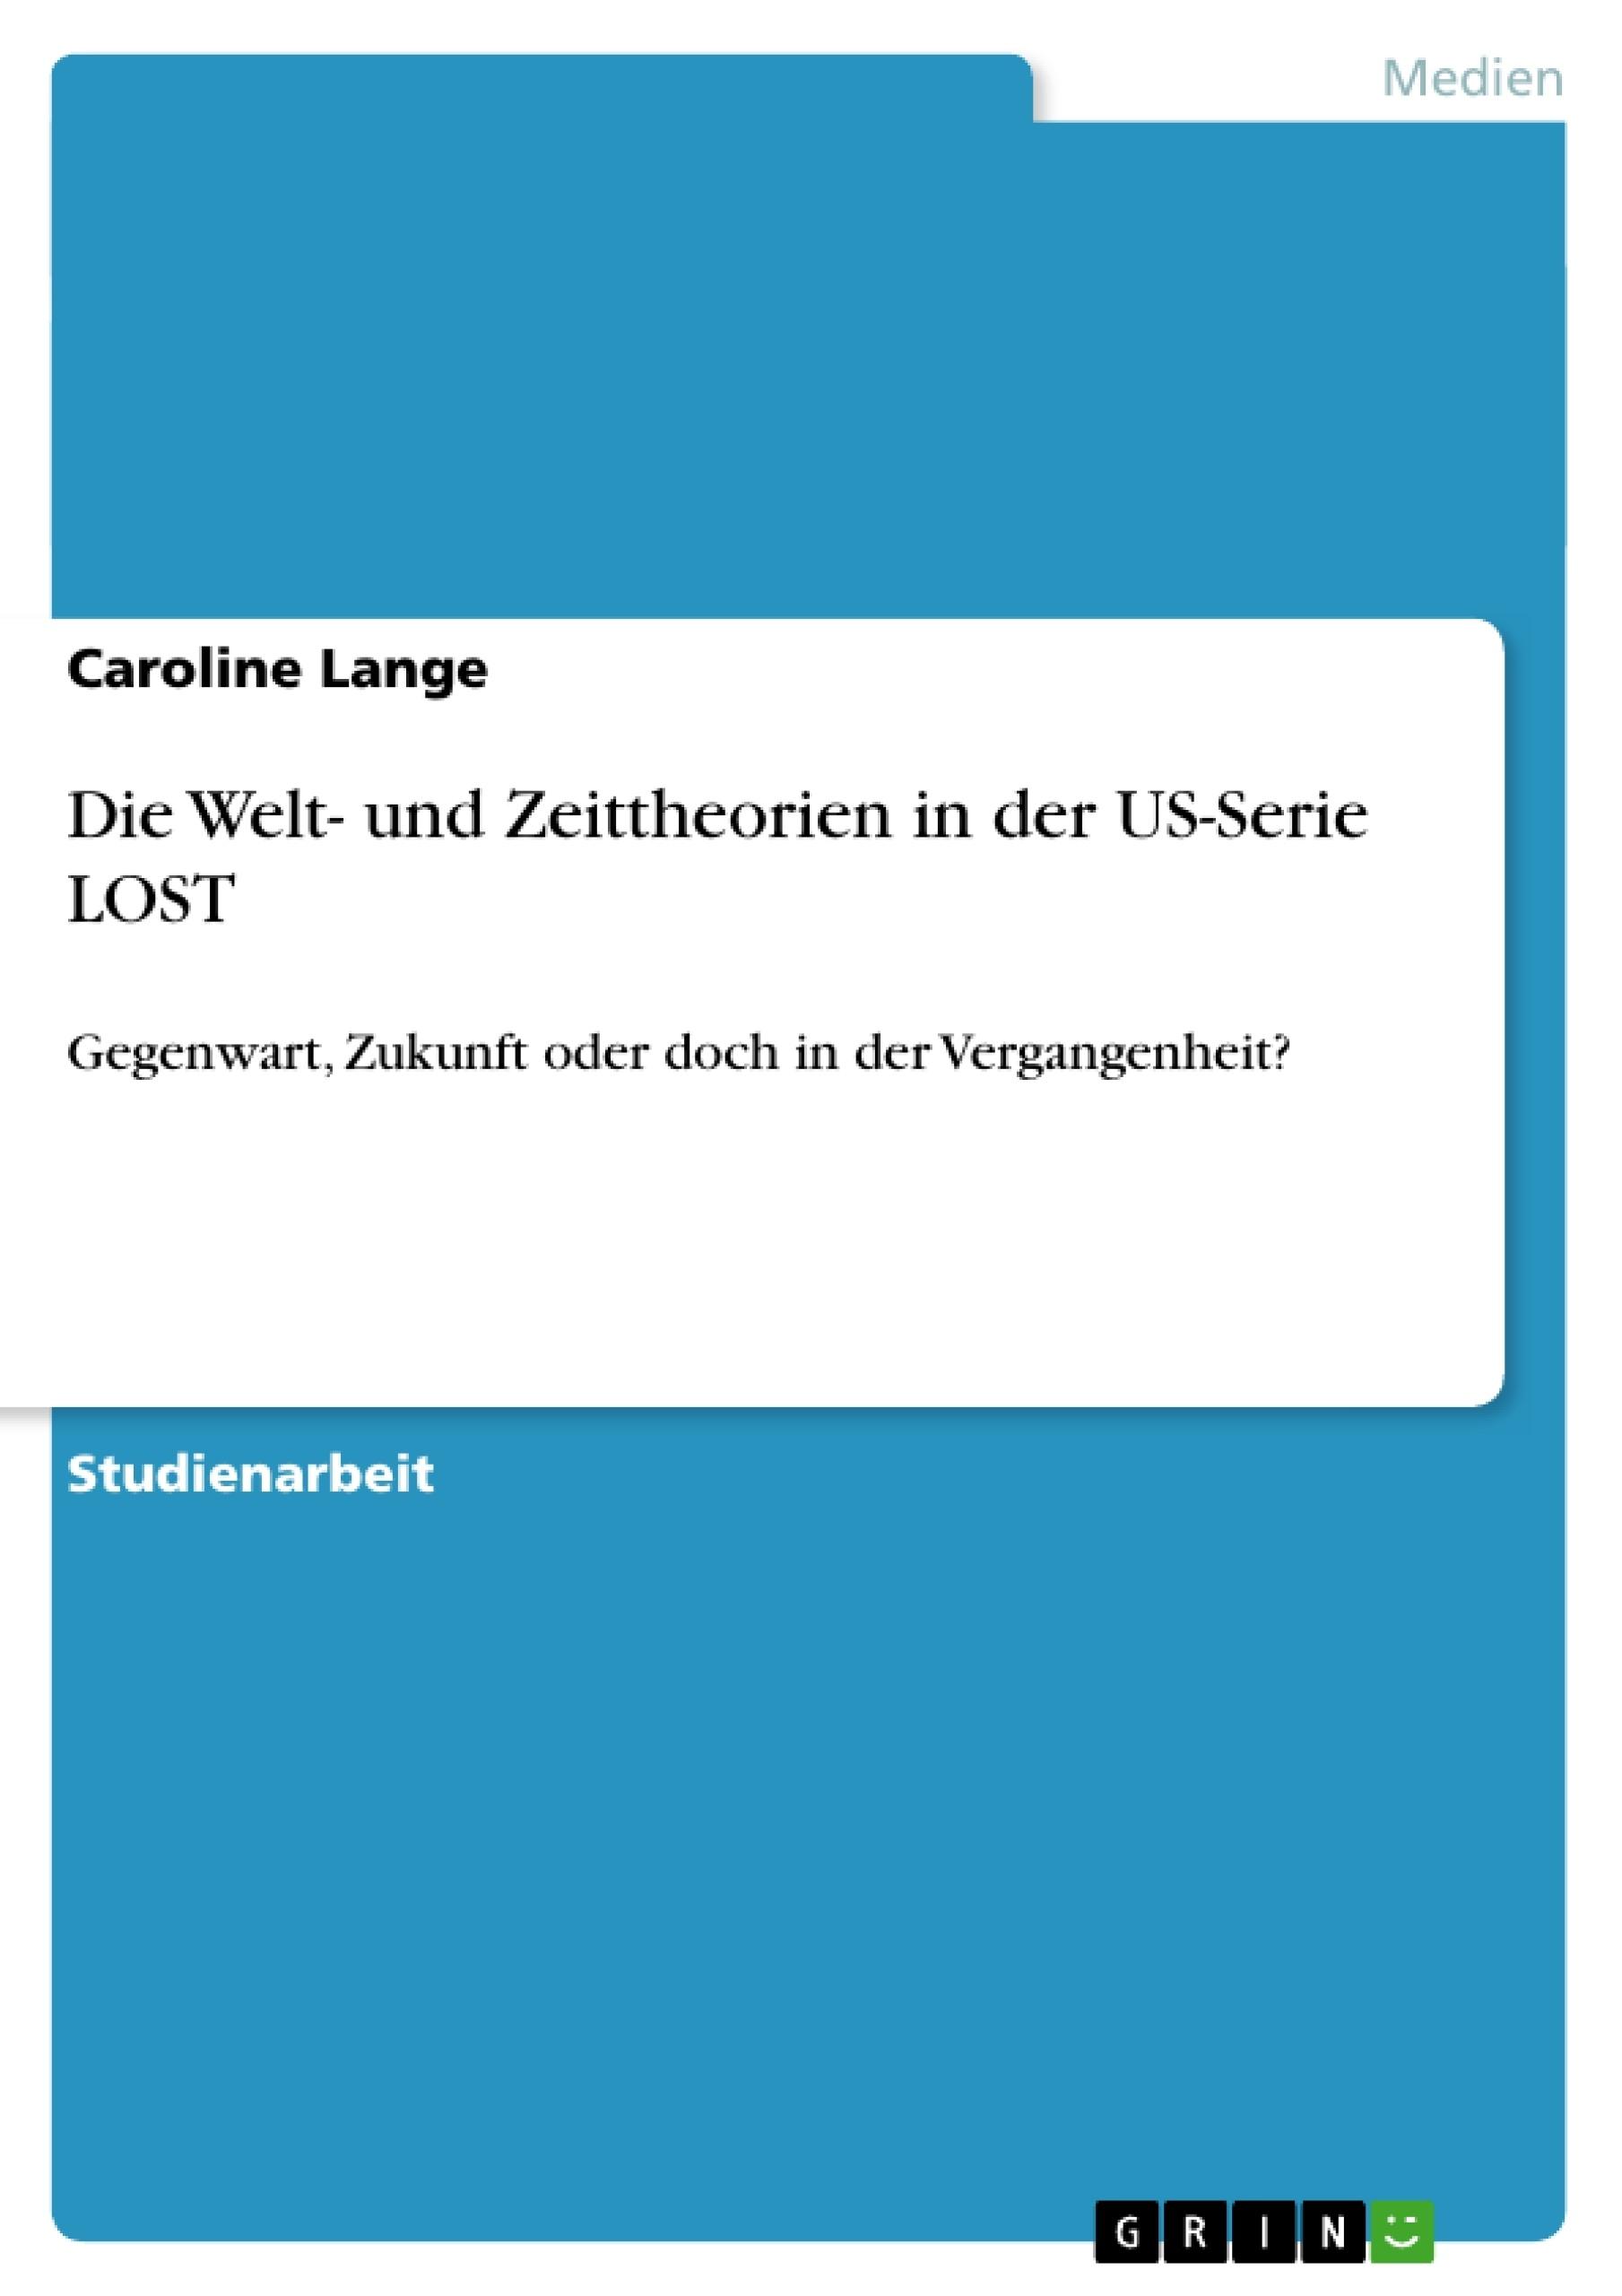 Titel: Die Welt- und Zeittheorien in der US-Serie LOST